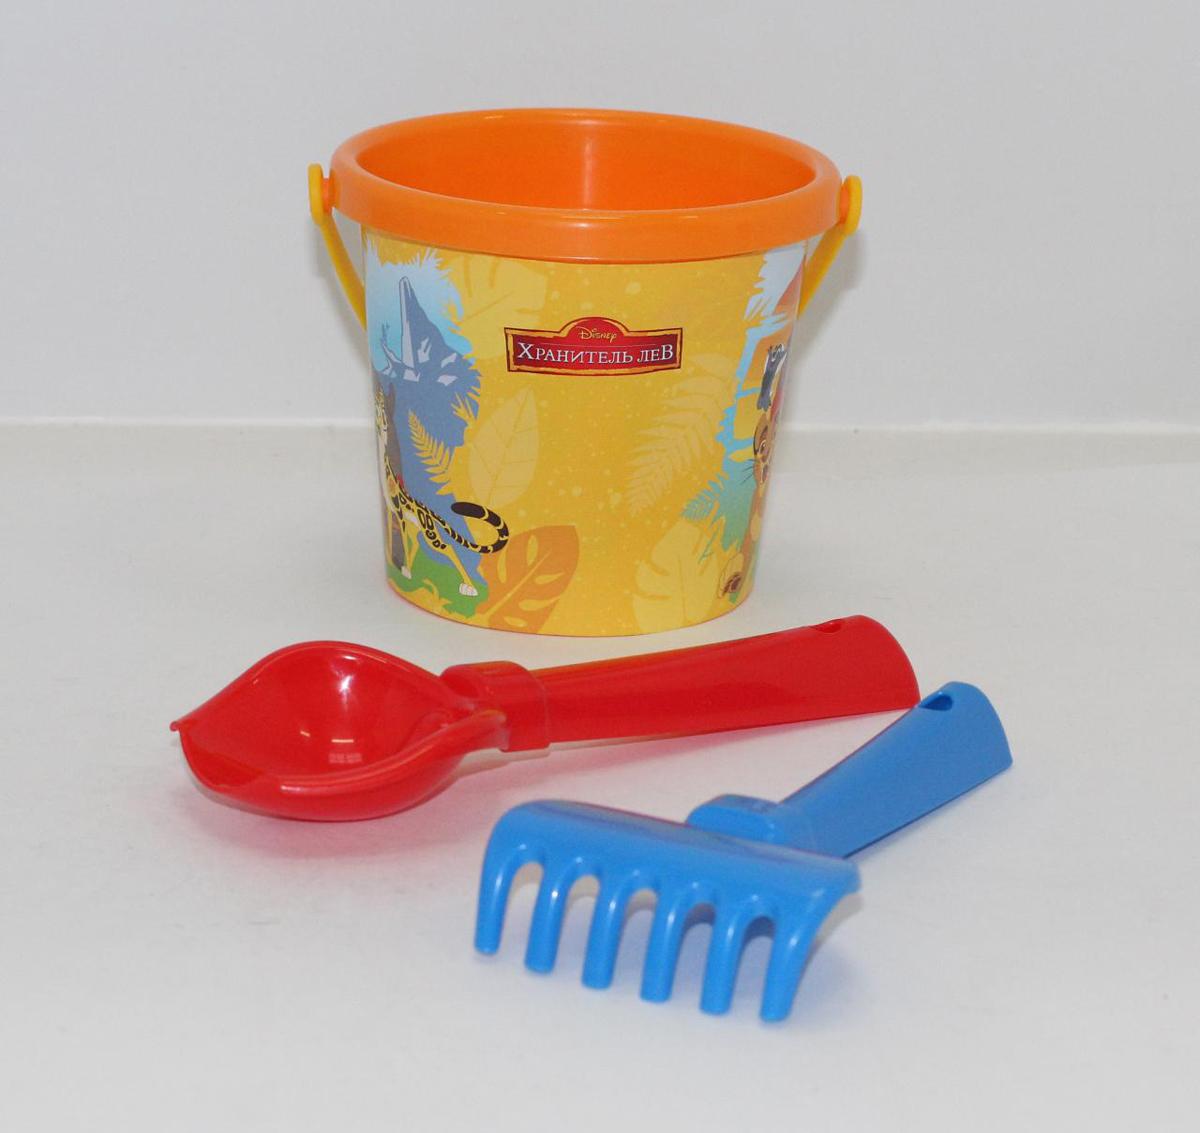 Disney Набор игрушек для песочницы Хранитель Лев №1 полесье набор для песочницы 469